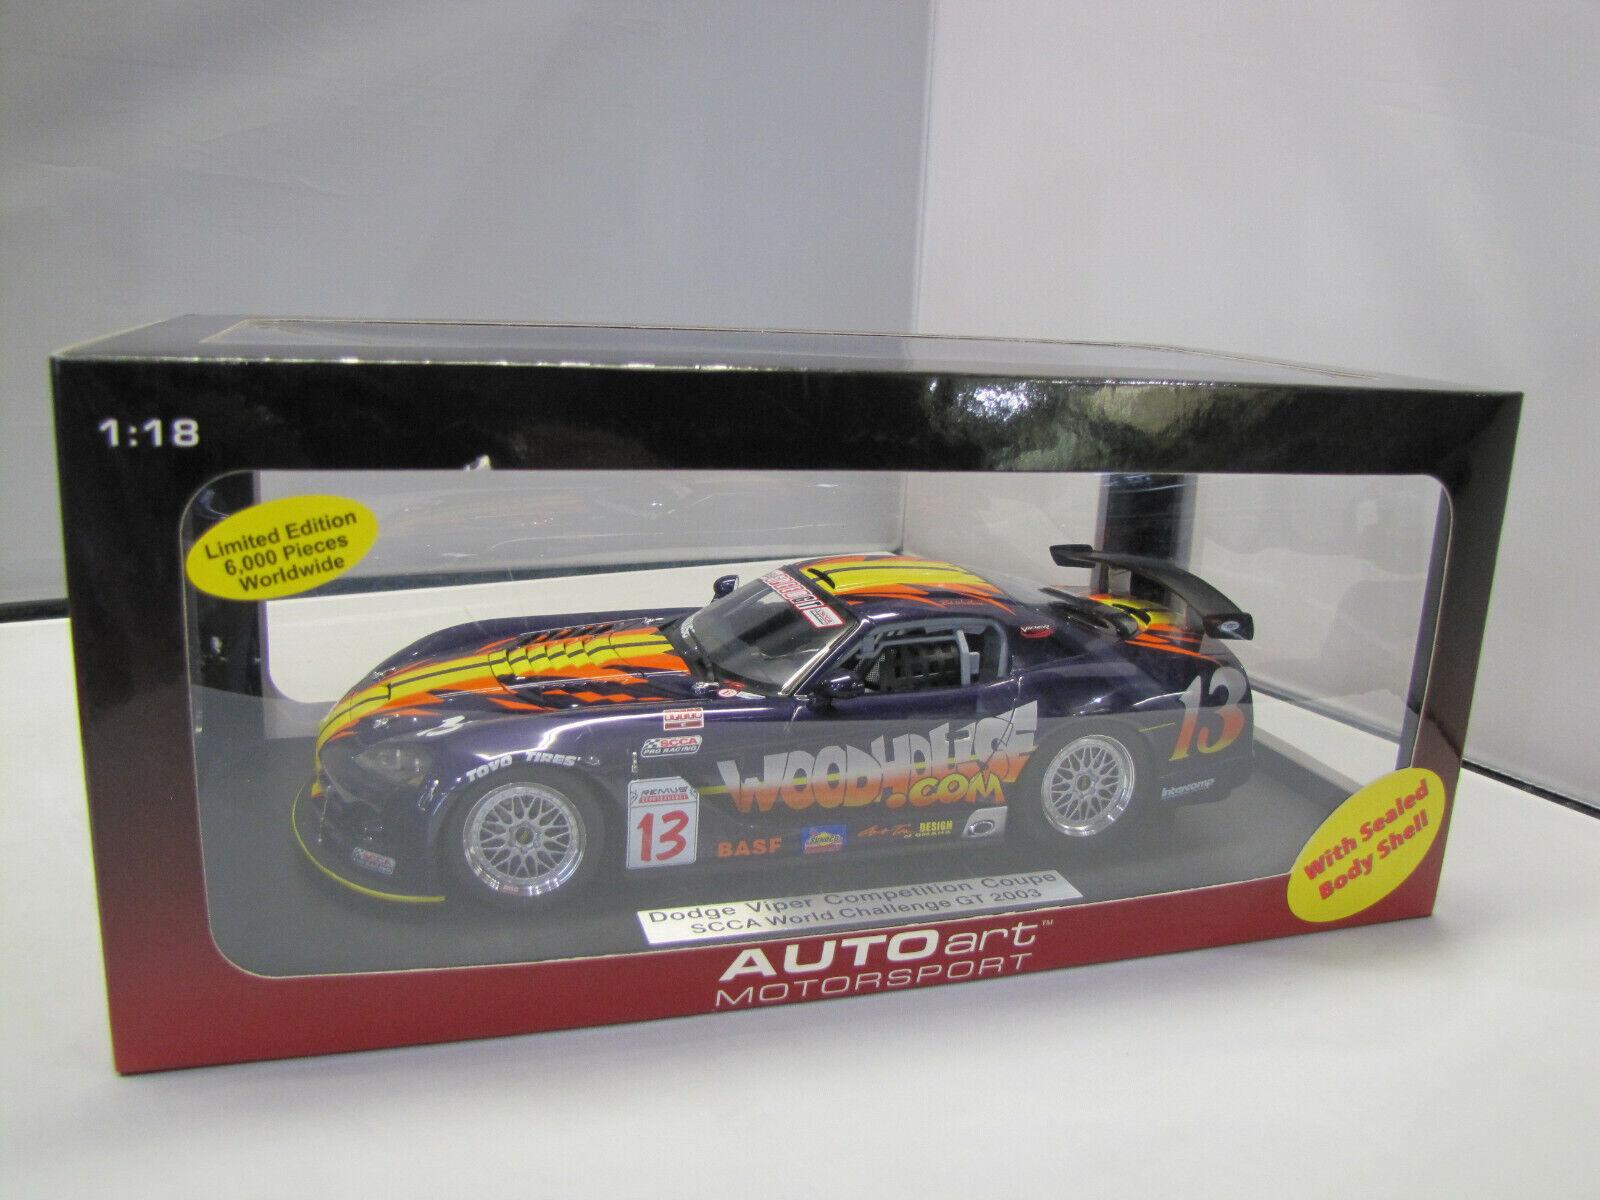 ottima selezione e consegna rapida 80423 80423 80423 Autoart Dodge Viper Competition Coupe SCCA World Chtuttienge GT 2003 - 1 18  forniamo il meglio